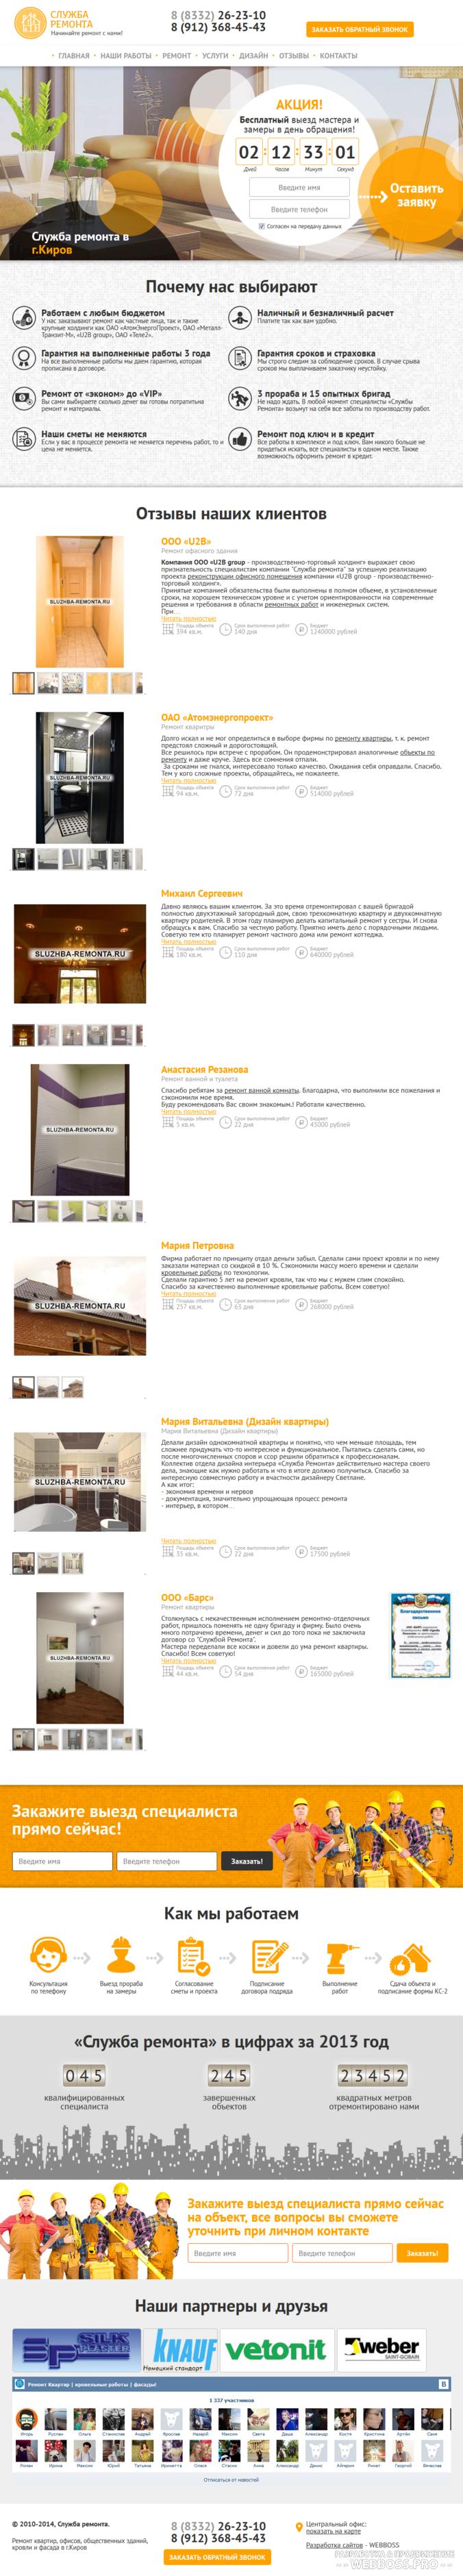 Создание сайта: Сайт строительной фирмы (после)